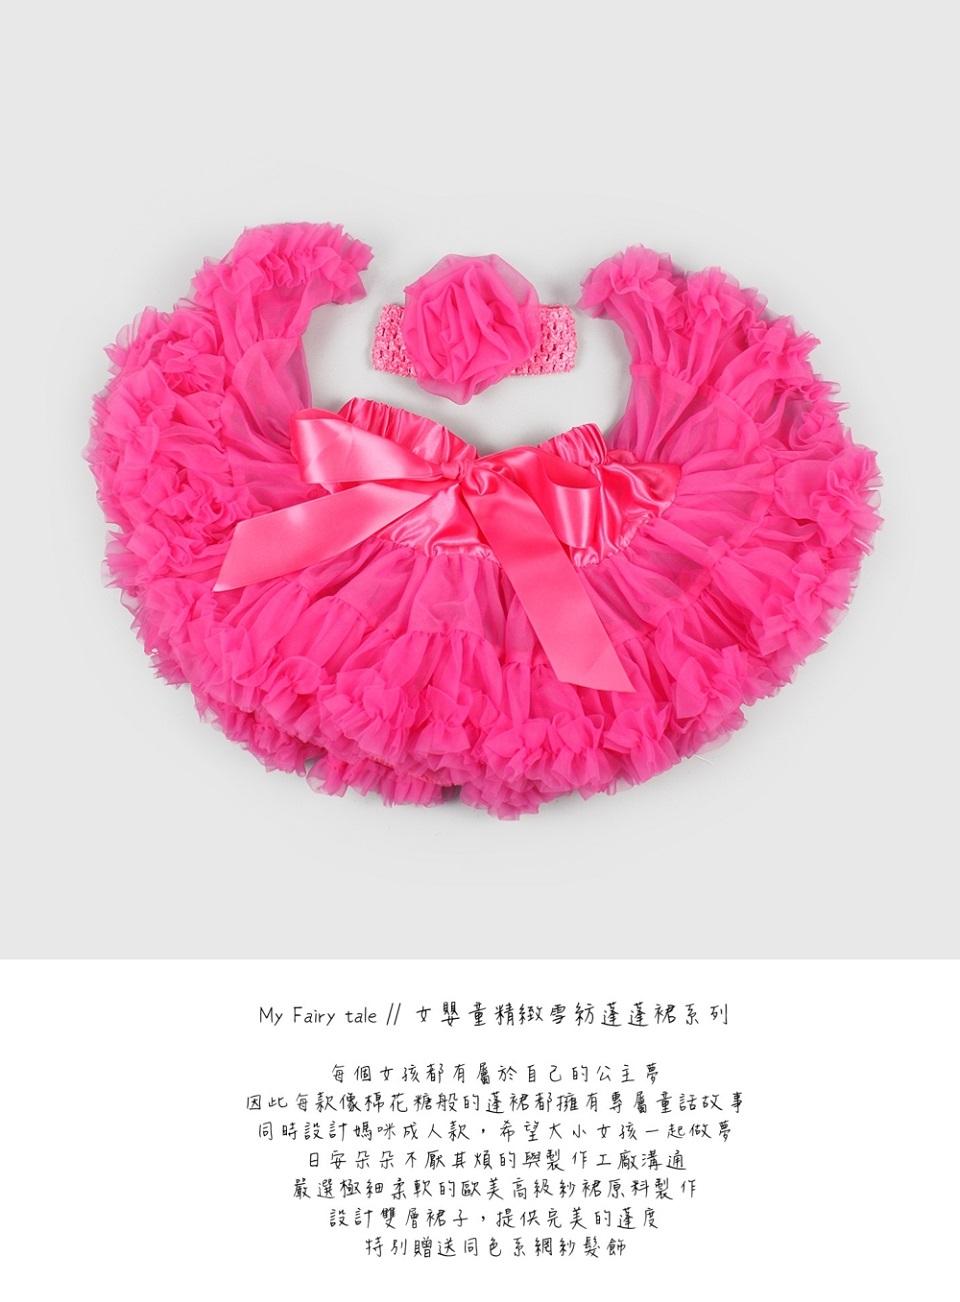 日安朵朵 女嬰童蓬蓬裙夢幻禮盒 - 芭比 6-7歲(110cm)[預購]